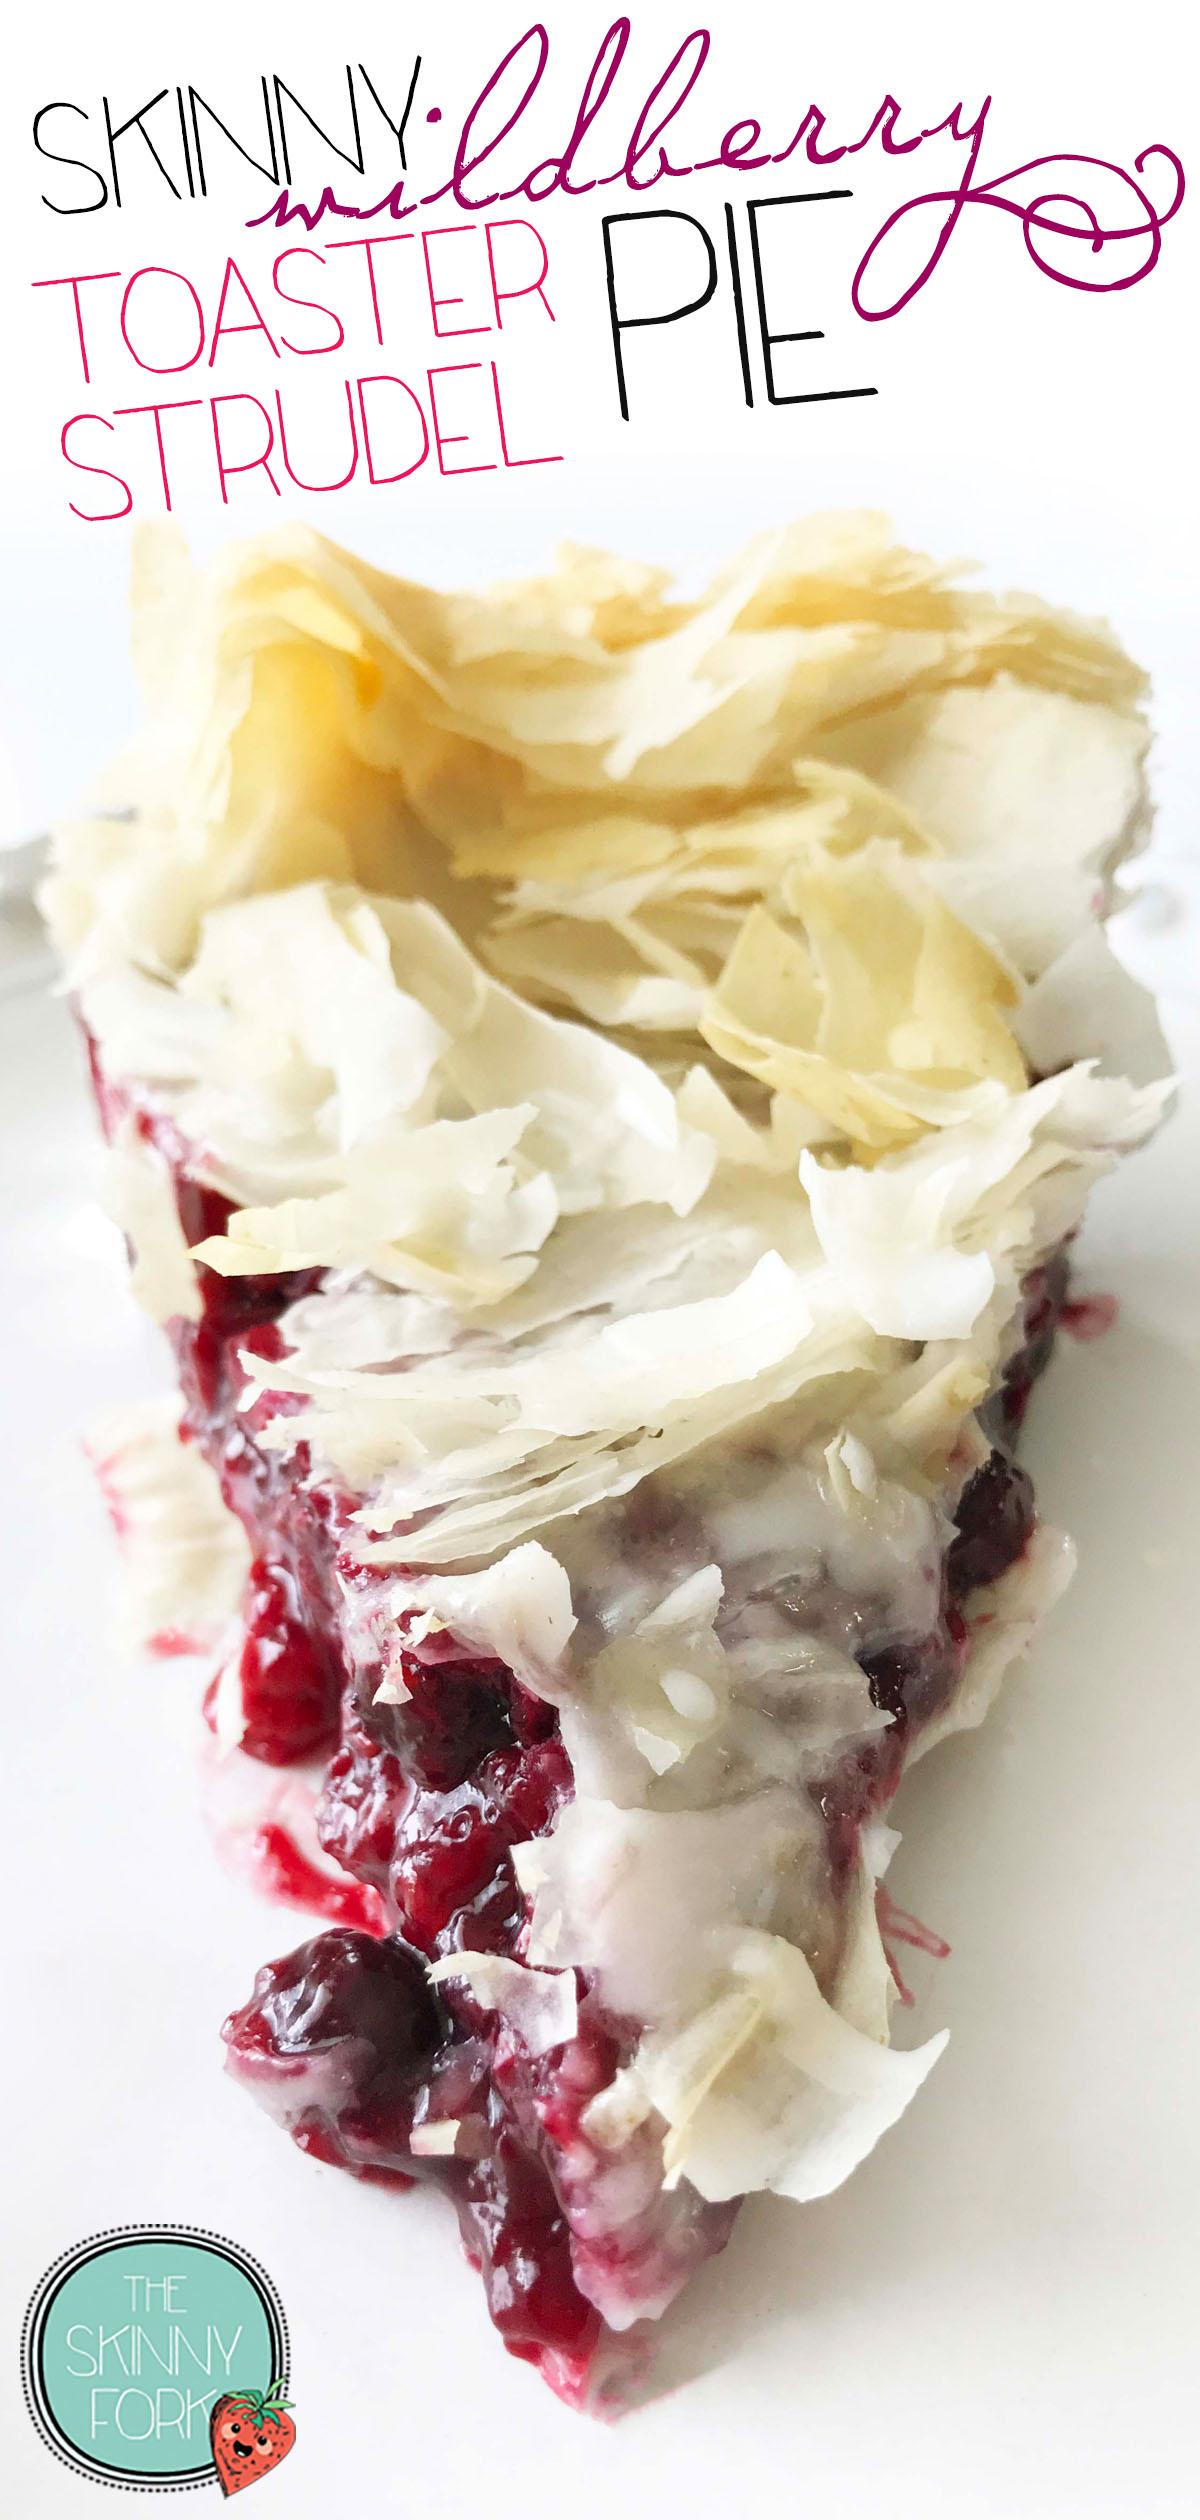 Skinny Wildberry 'Toaster Strudel' Pie